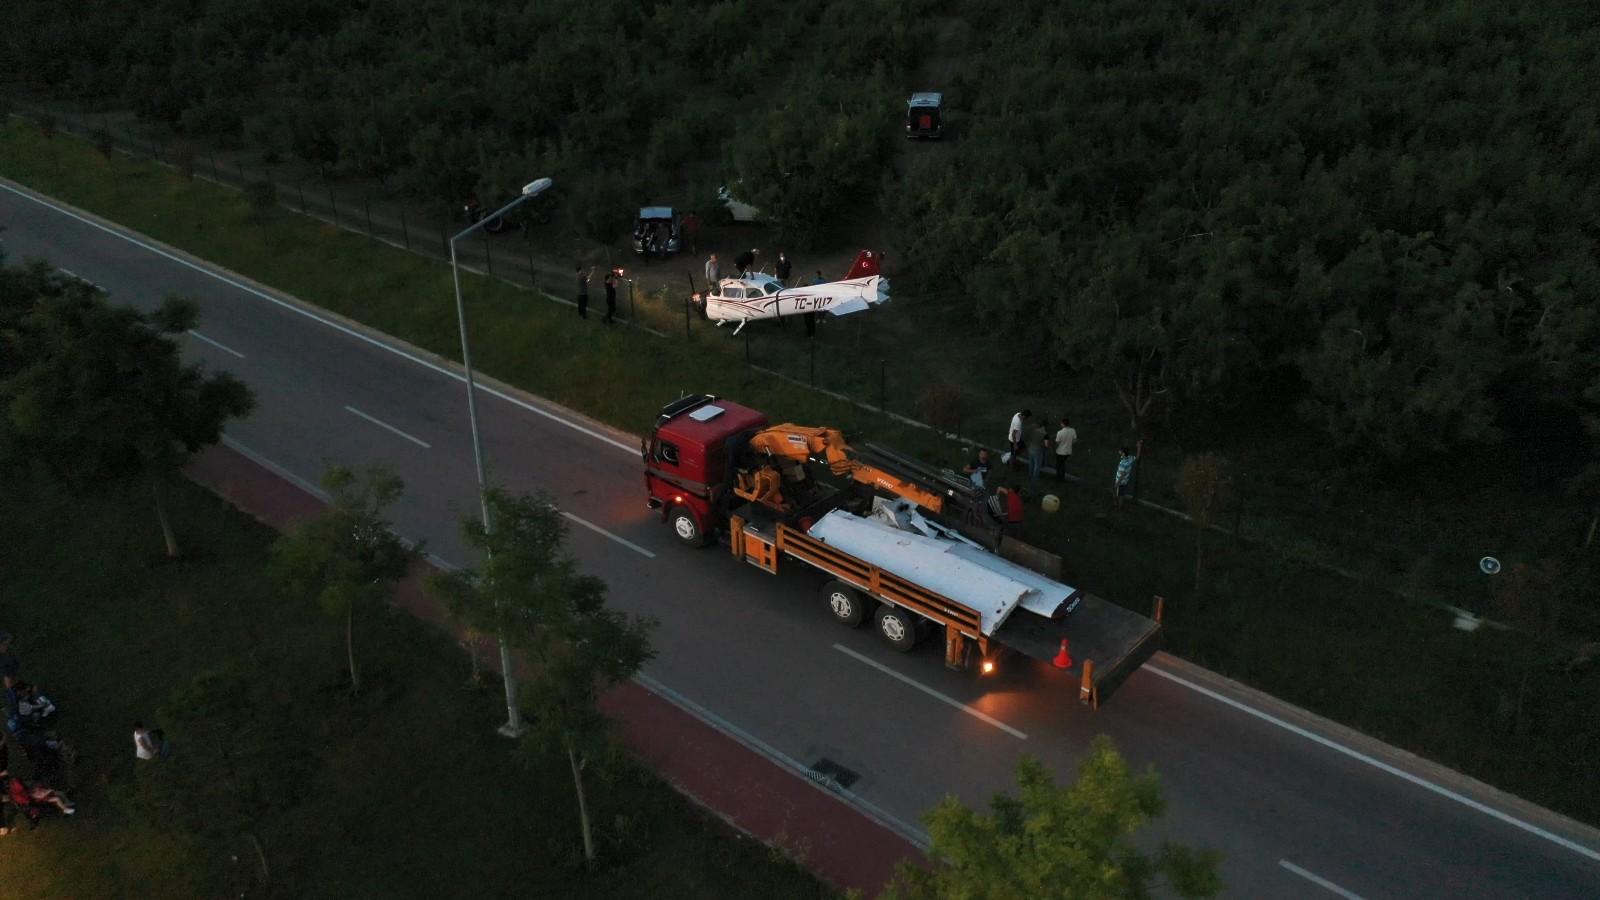 Bursa'da meyve bahçesine acil iniş yapan uçak vinçle kaldırıldı